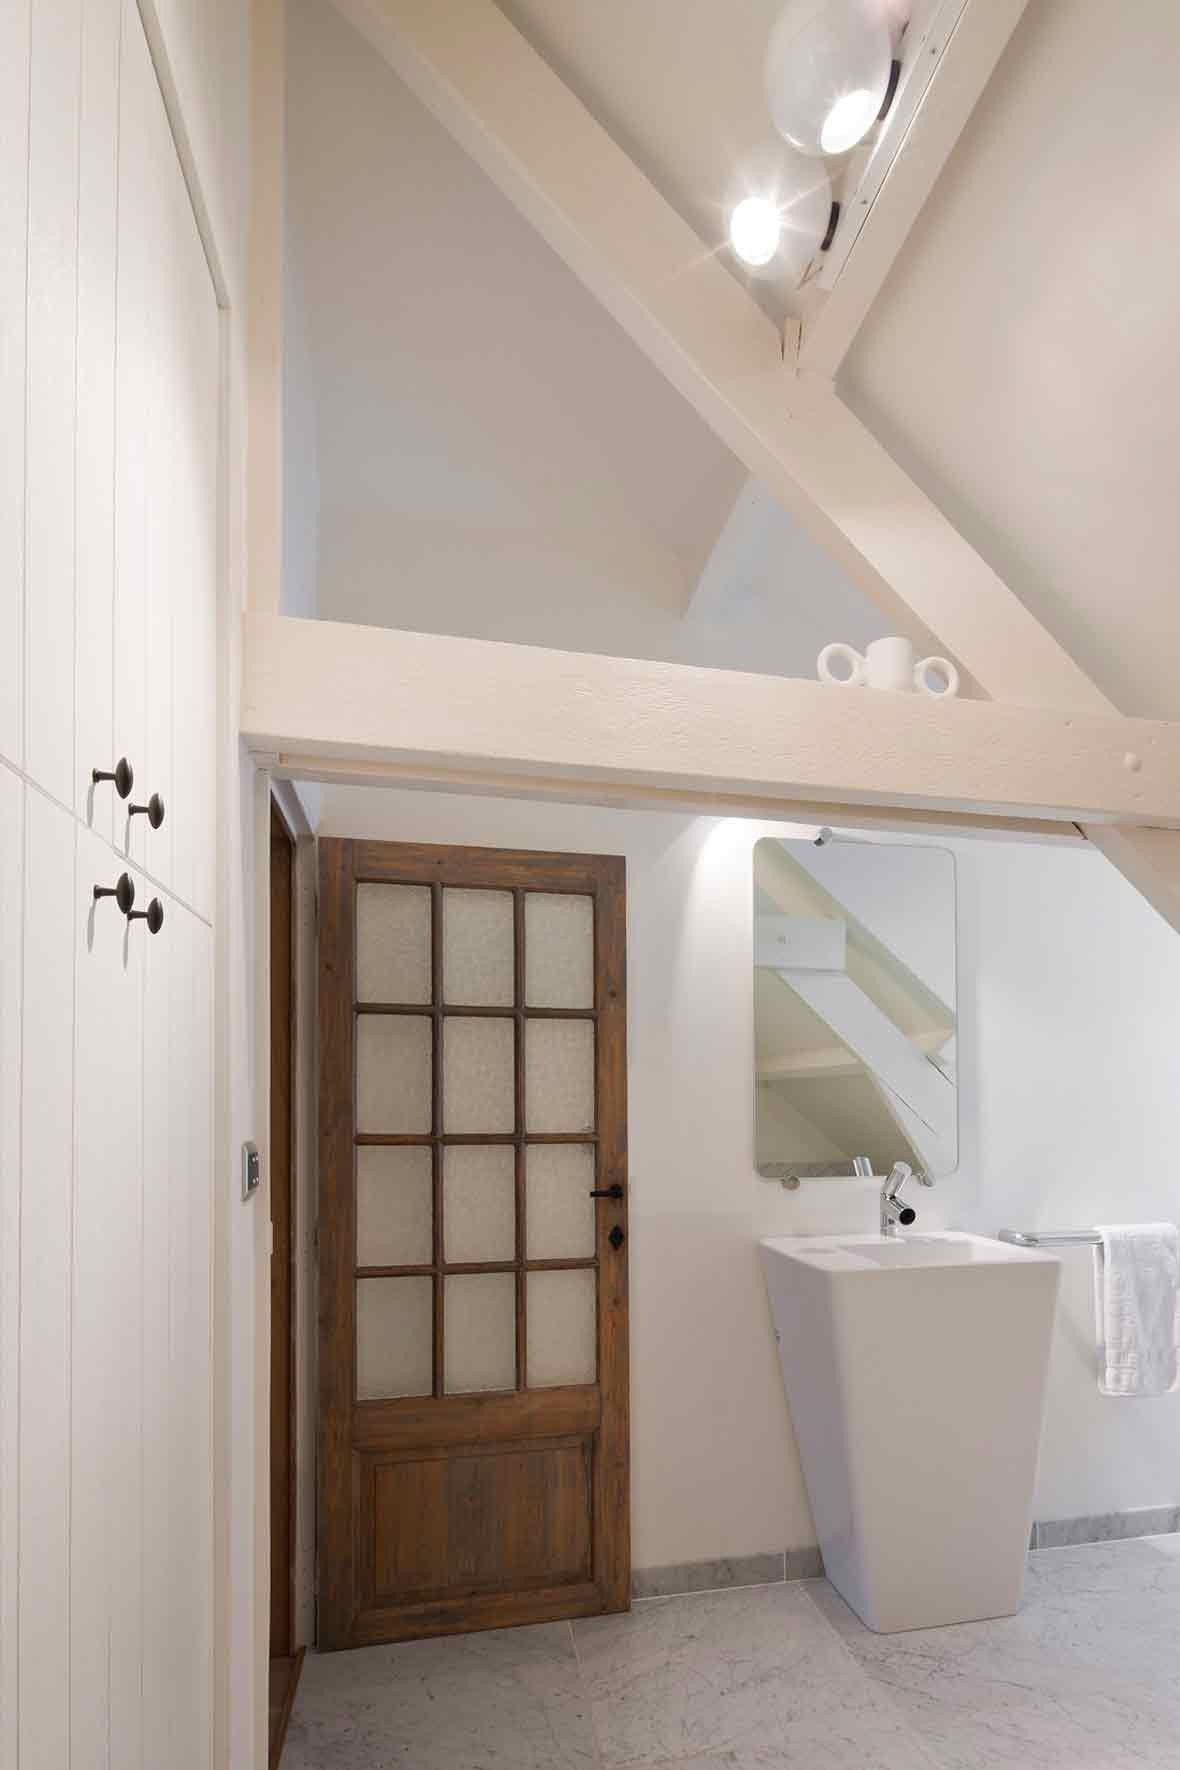 Totaalinrichting-badkamer-landelijk-Geluwe-3.jpg